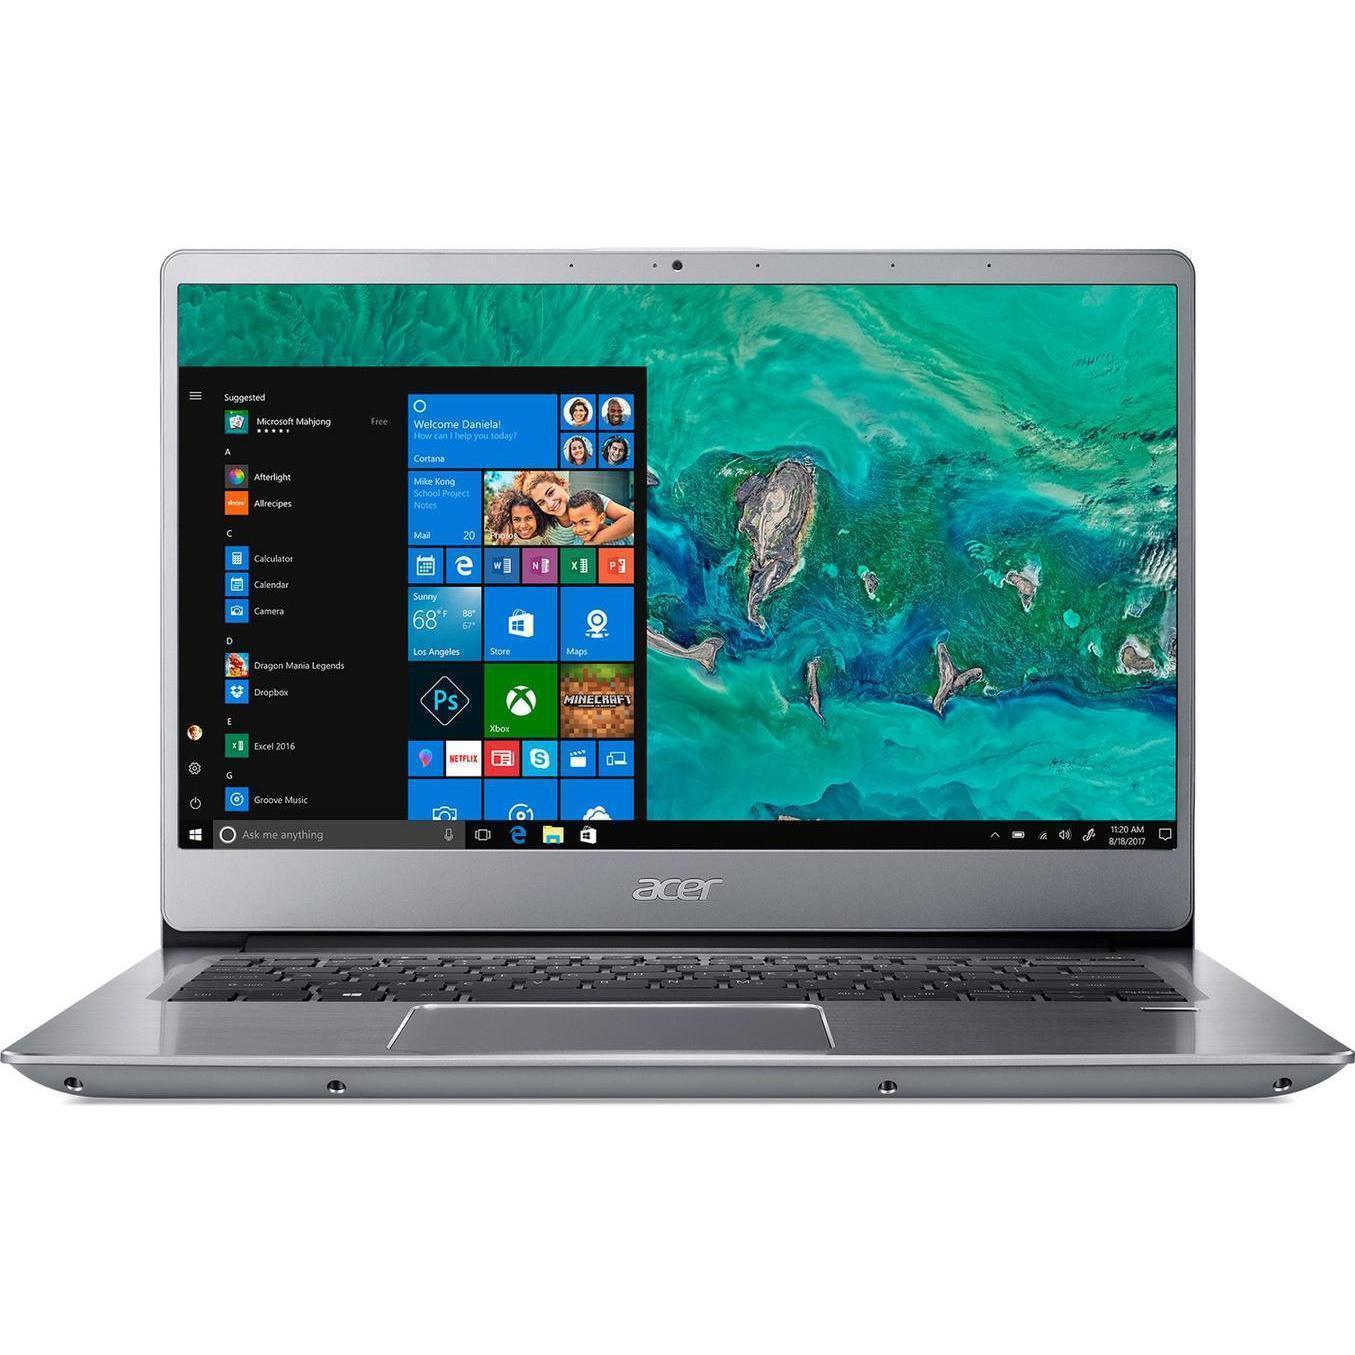 Acer Swift SF314-54-867W 14-inch () - Core i7-8550U - 8GB - SSD 256 GB AZERTY - French